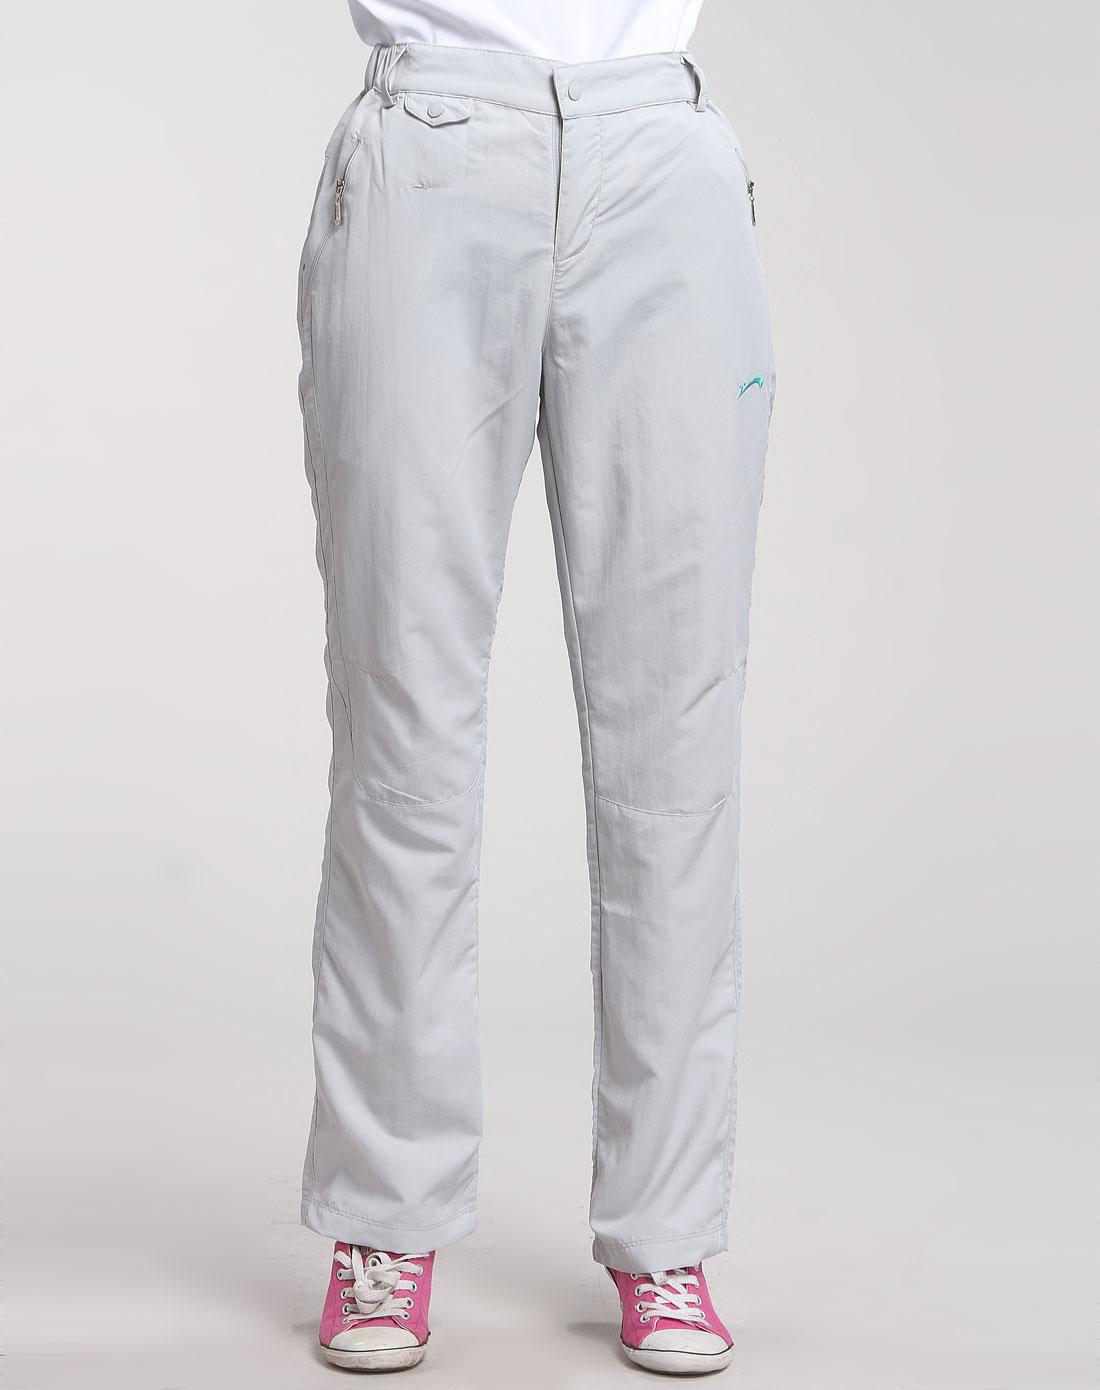 贵人鸟浅灰色经典运动长裤